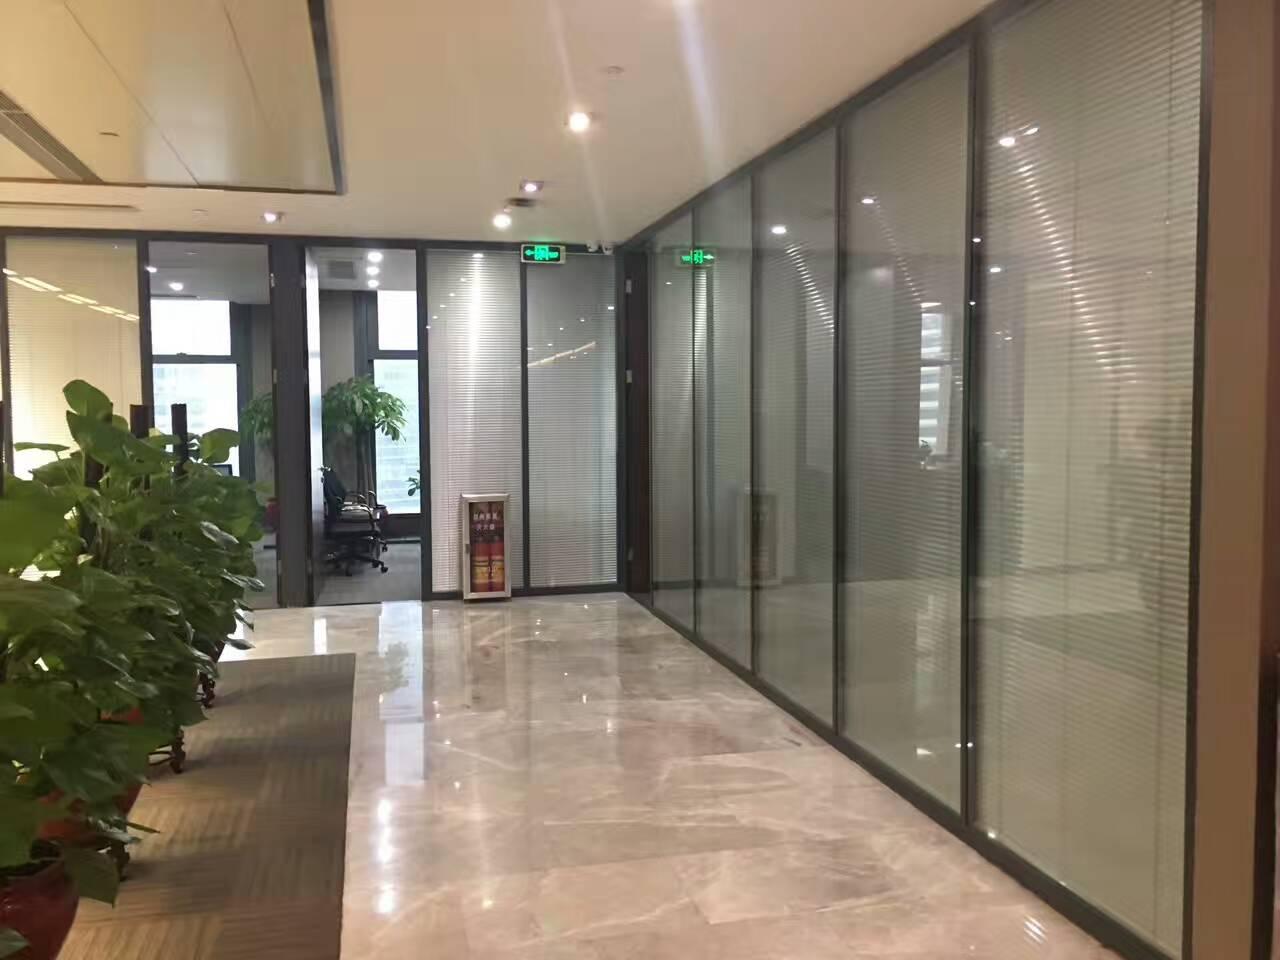 咸阳办公双层玻璃隔断—中空玻璃夹百叶窗隔断—内钢外铝玻璃隔断